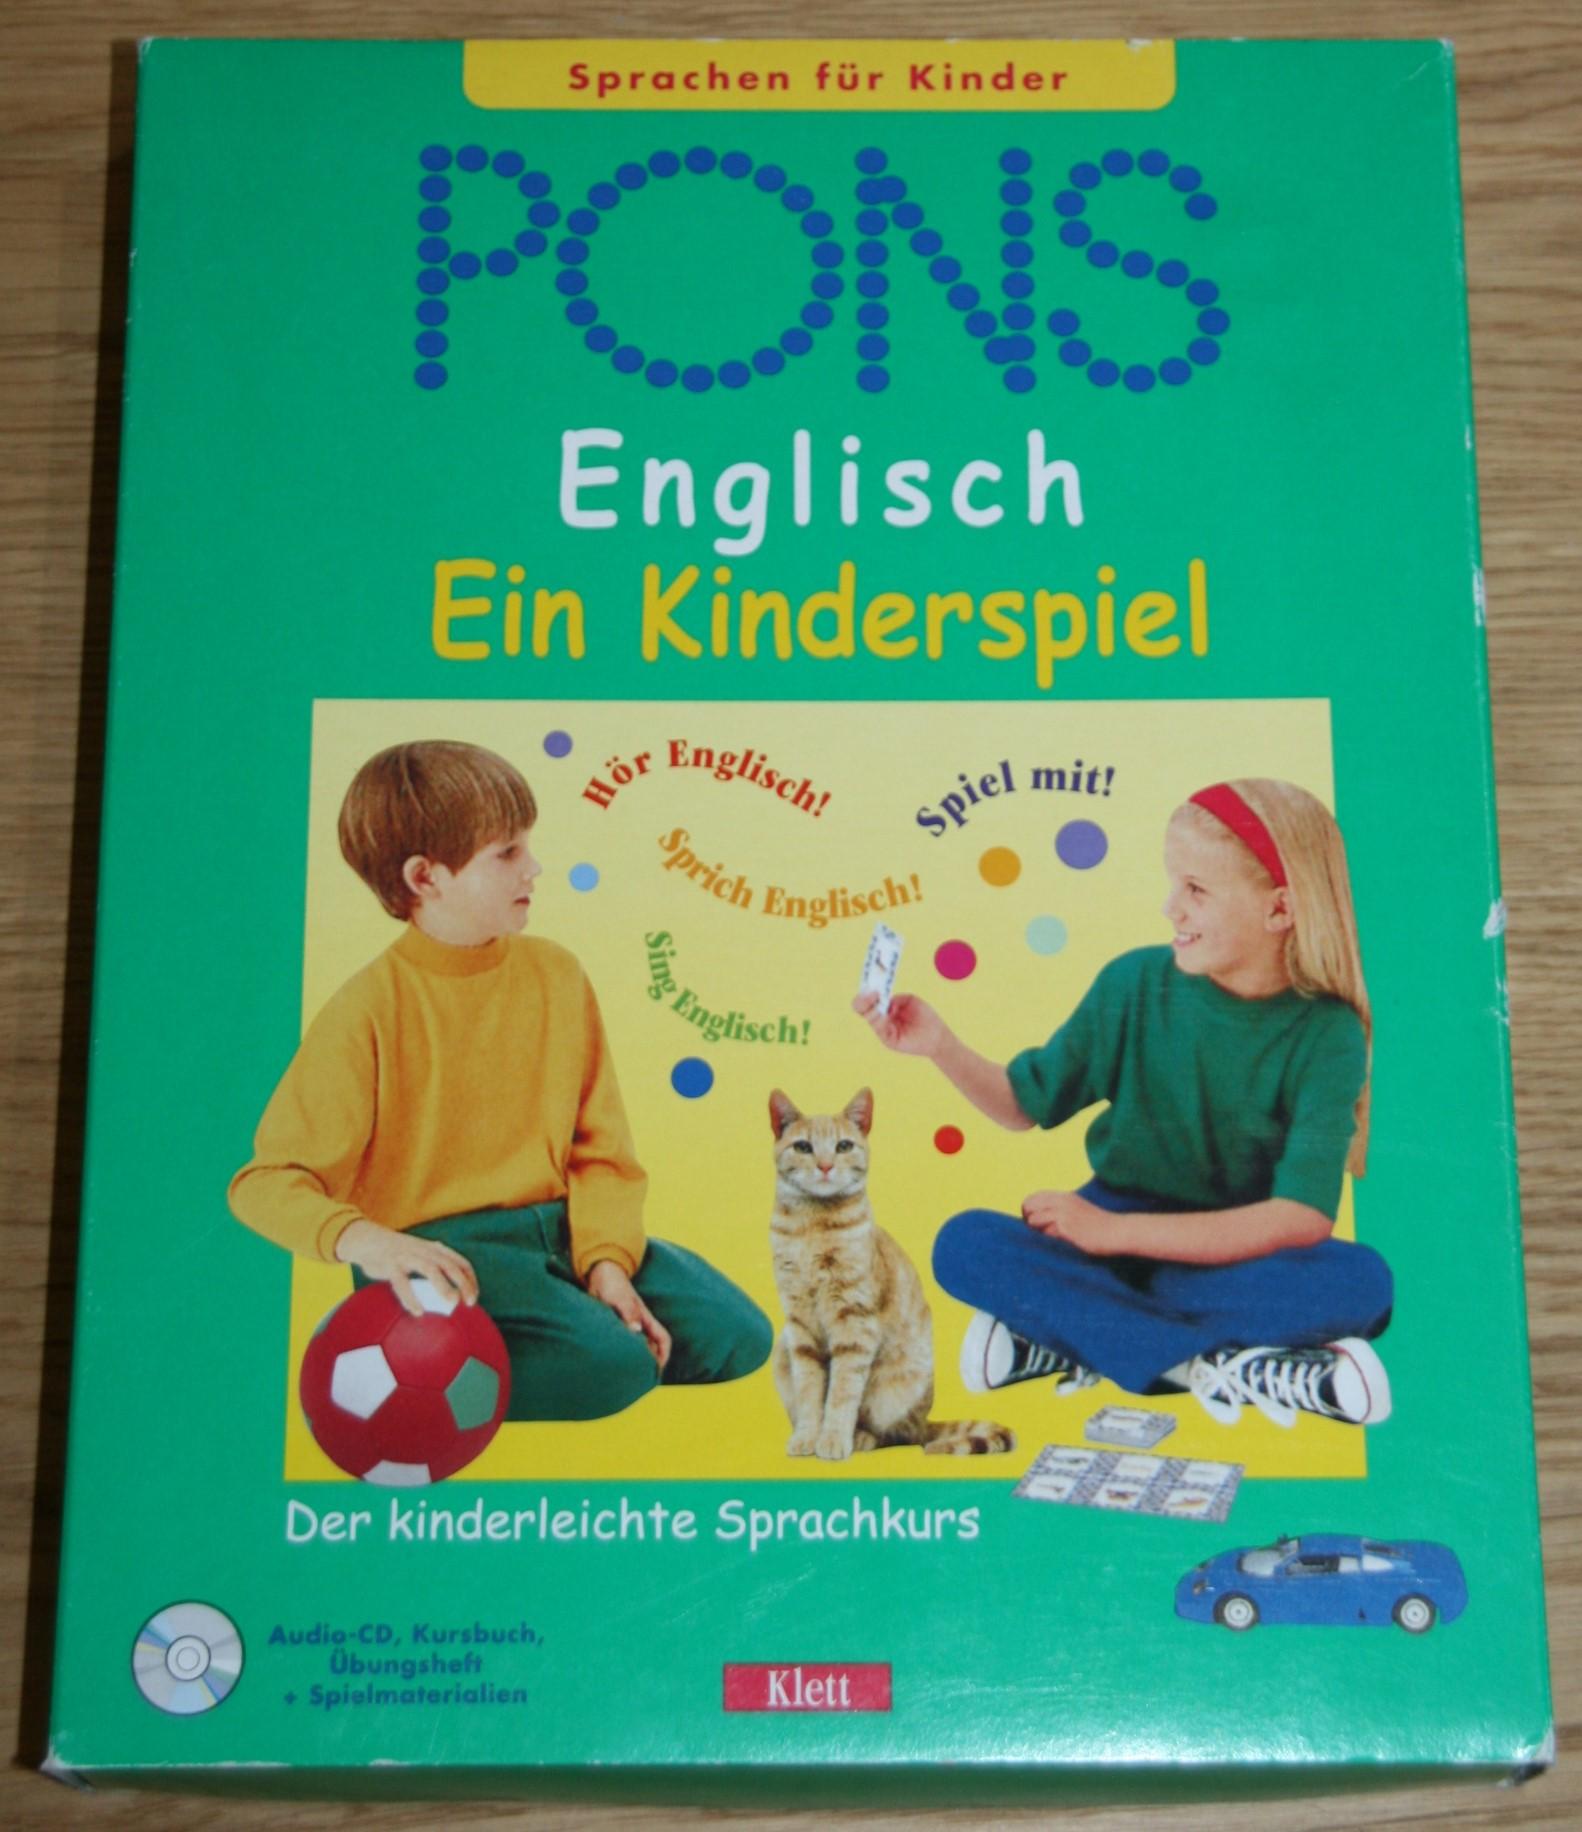 PONS Englisch - Ein Kinderspiel, 1 Audio-CD, Kursbuch, Übungsheft und Spielmaterialien